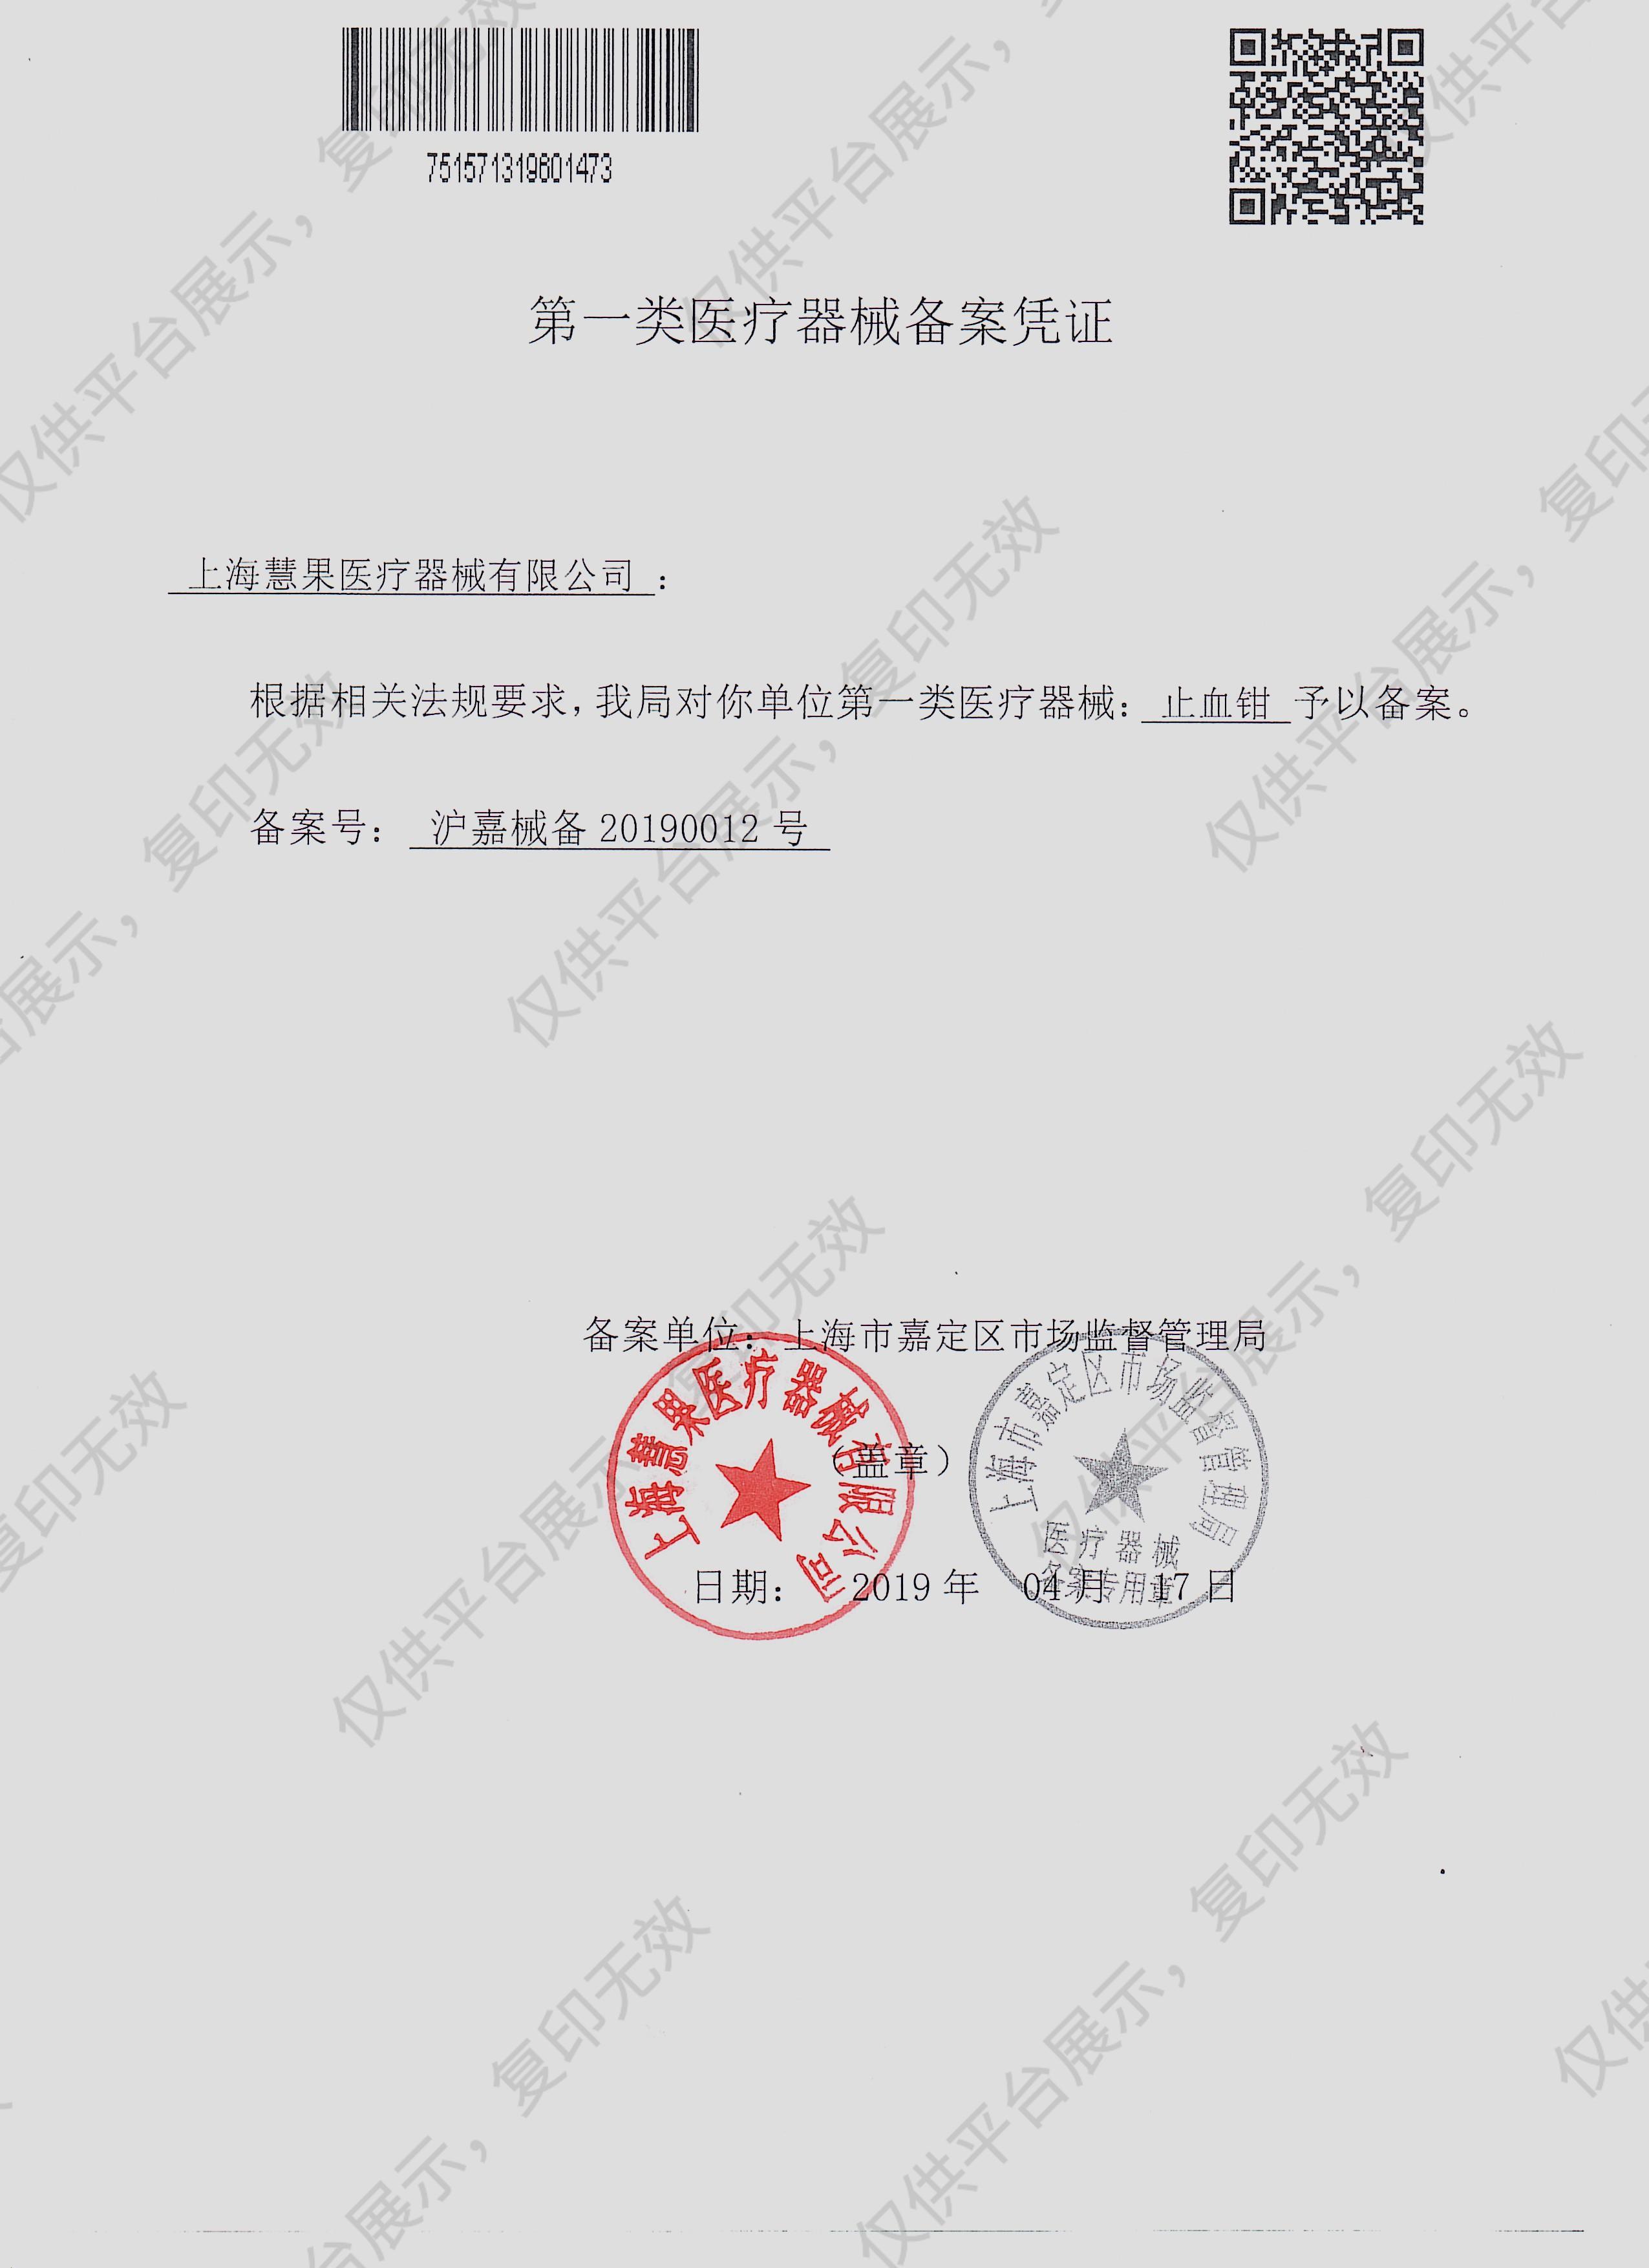 秀美 止血钳 QZ-007(14cm 直)注册证